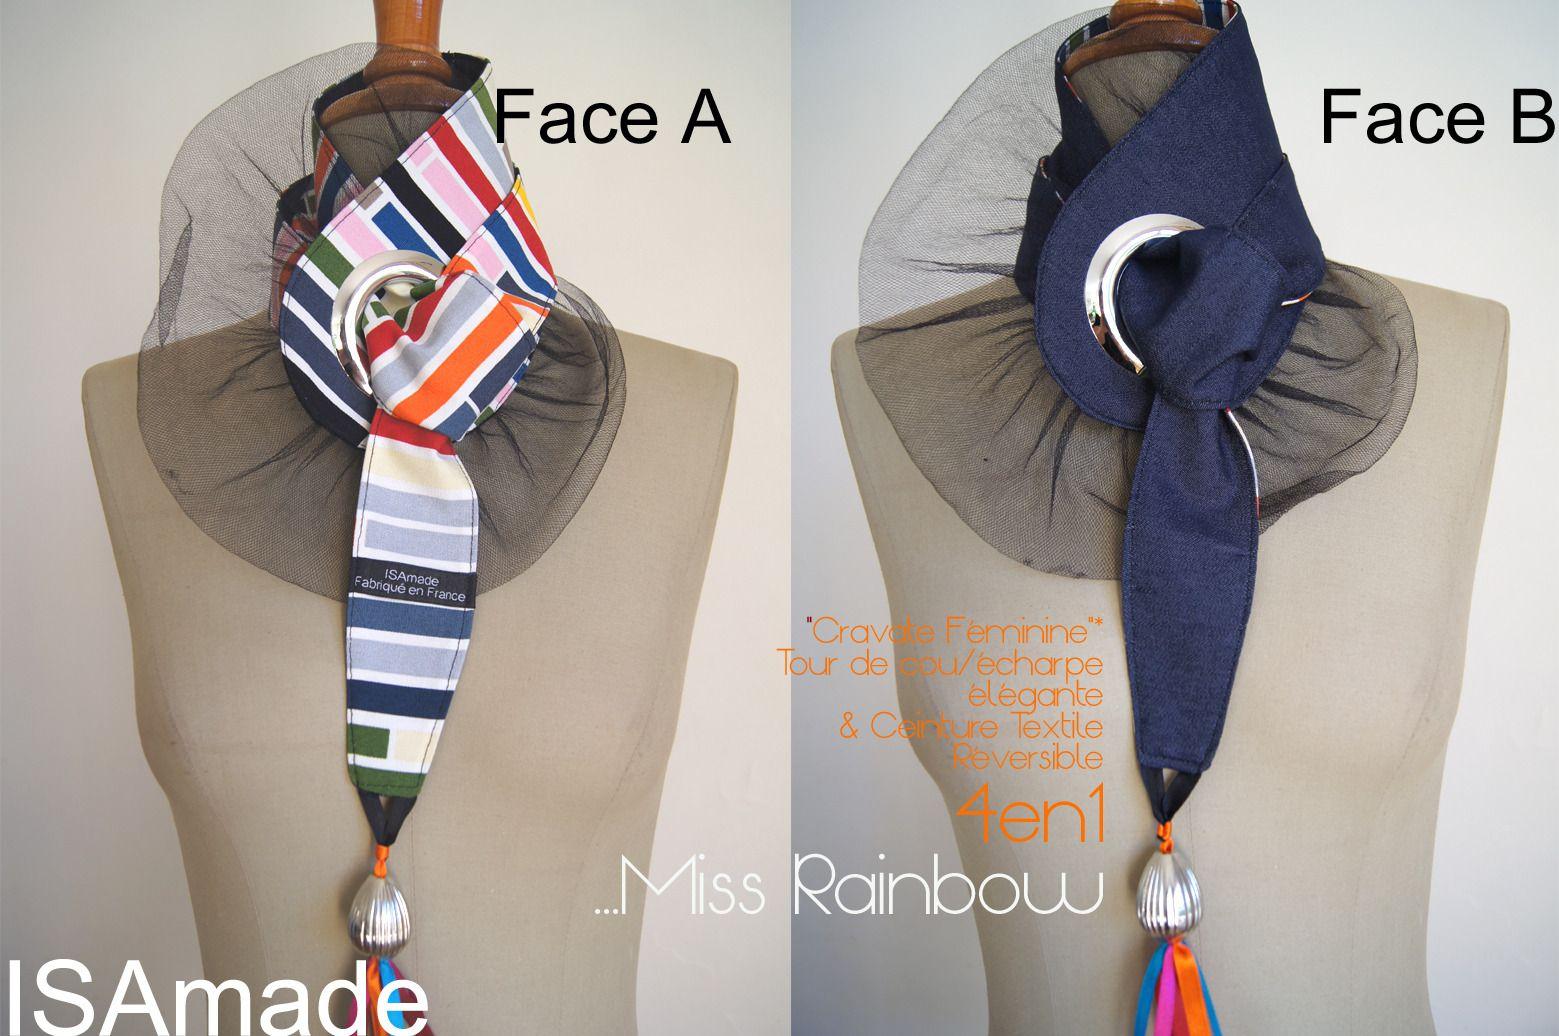 Cravate/ tour de Cou & Ceinture Reversible en Jean Rayures Multicolores : Echarpe, foulard, cravate par isamade